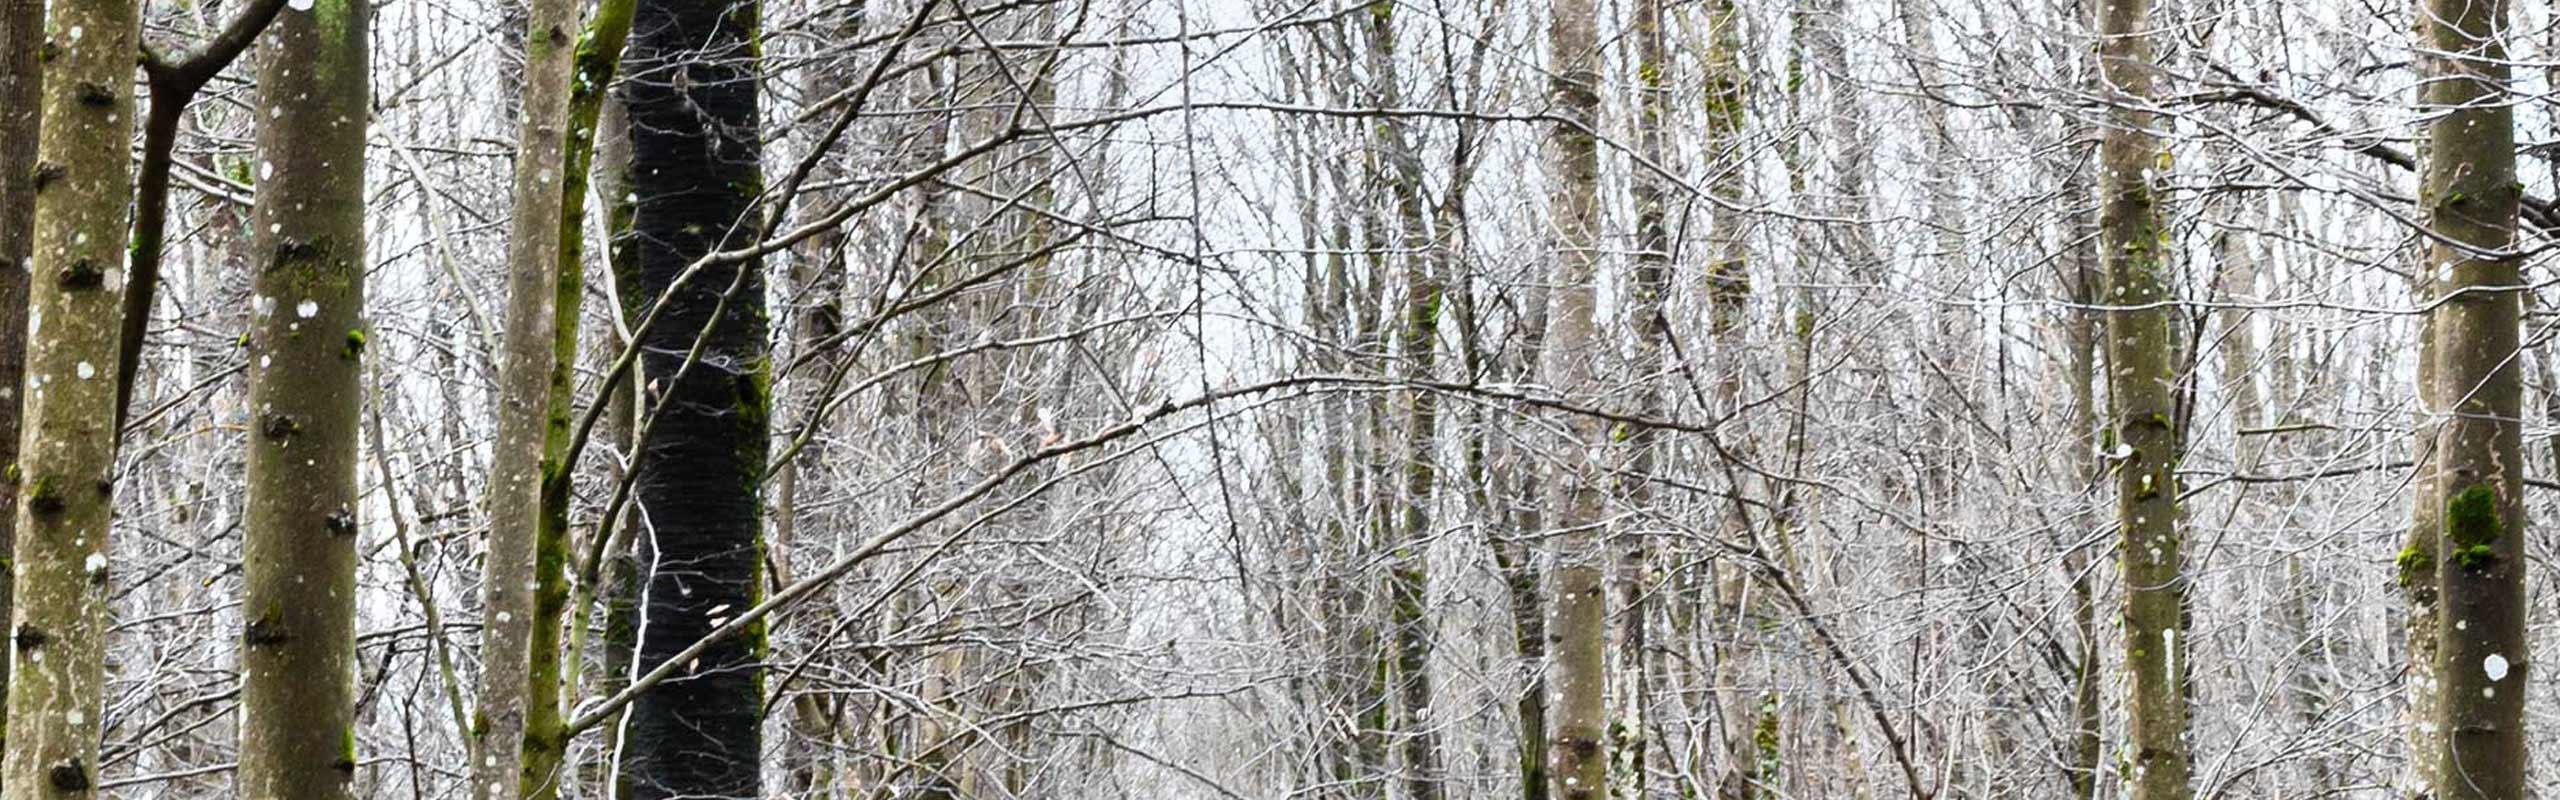 Roomers Baden-Baden Winter Time